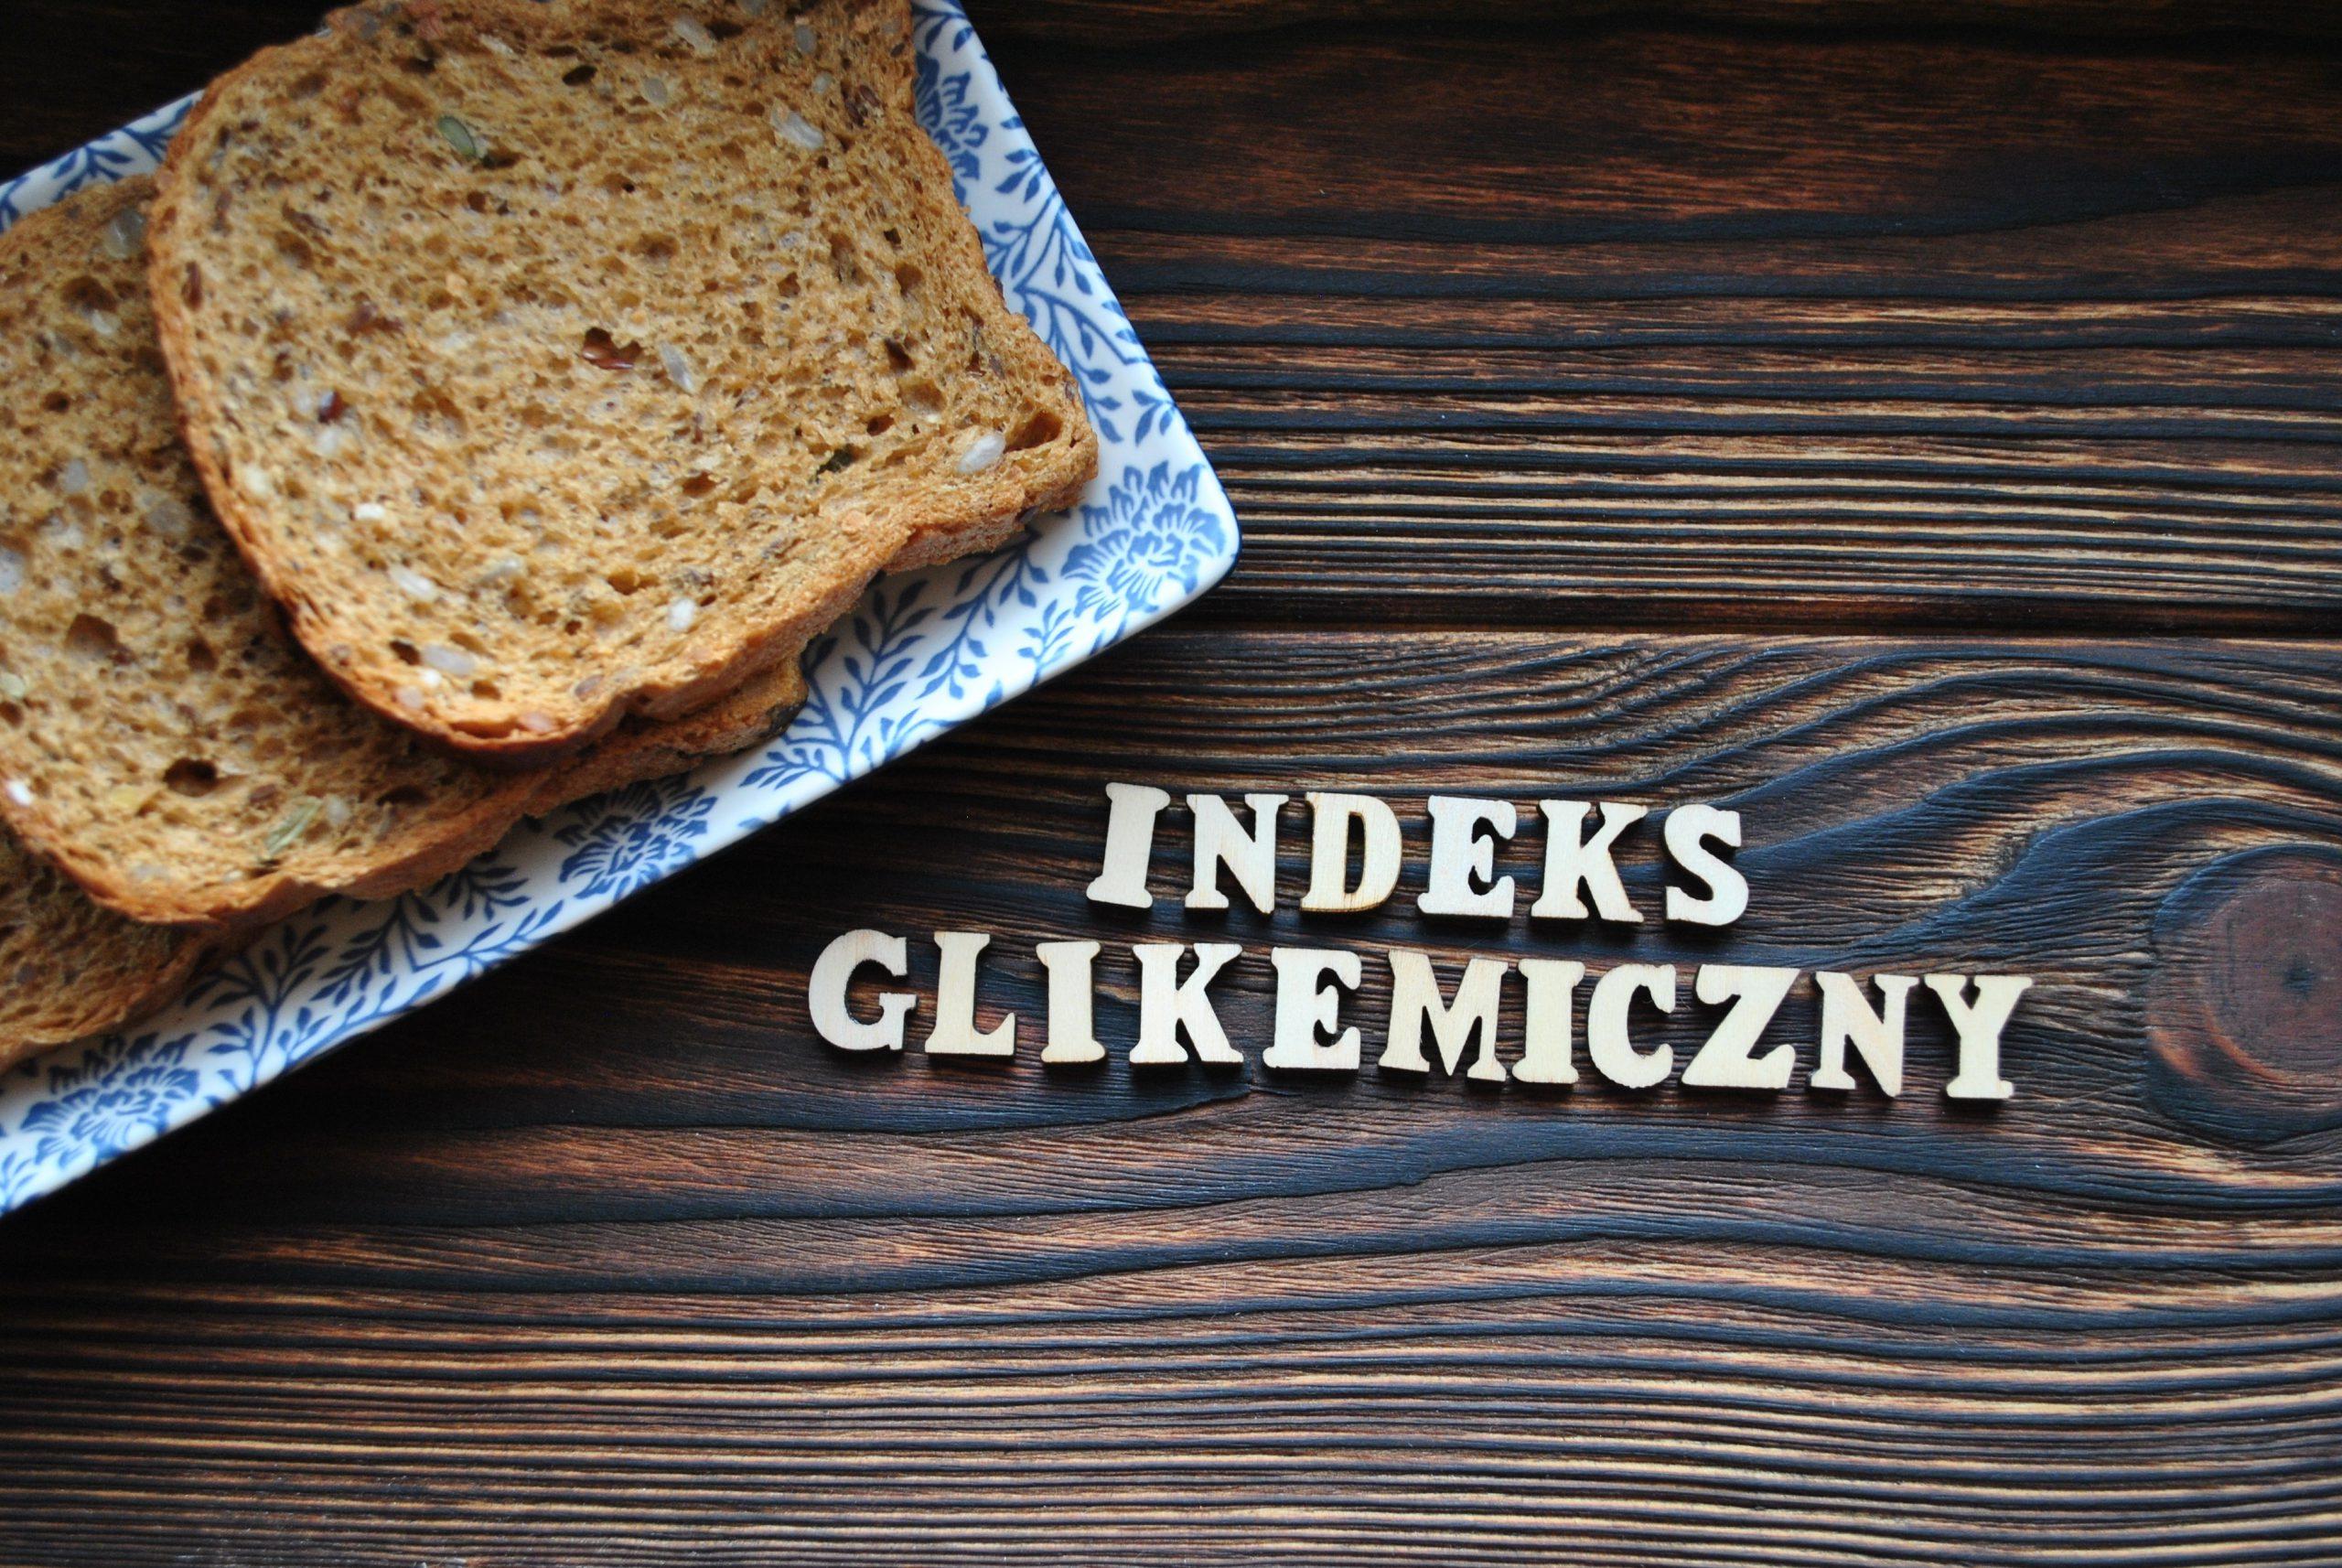 Indeks glikemiczny – wszystko co musisz wiedzieć